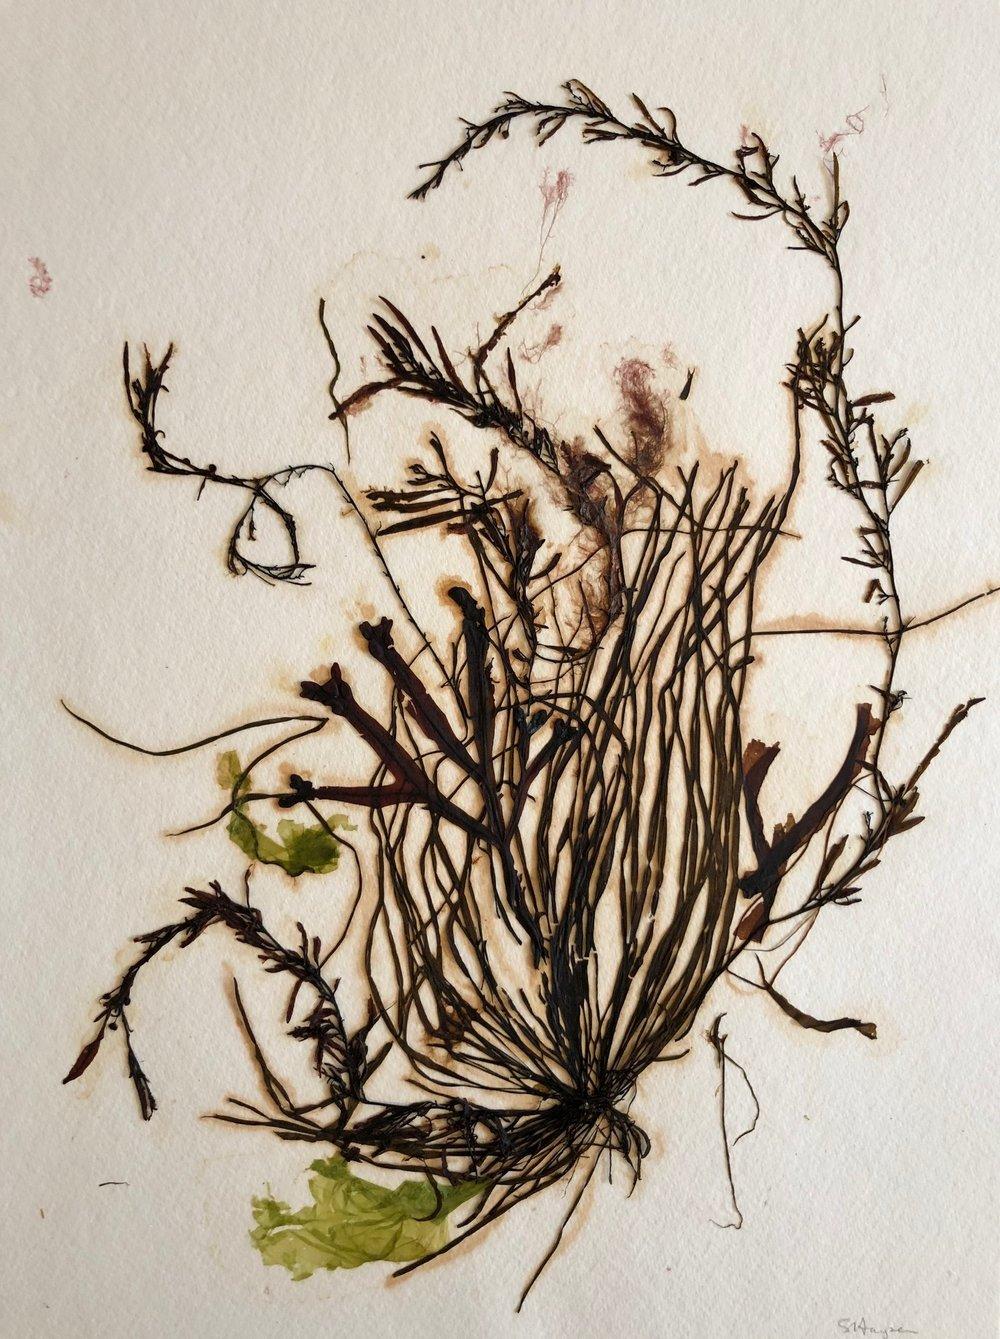 Seaweed 13/13, 11x14